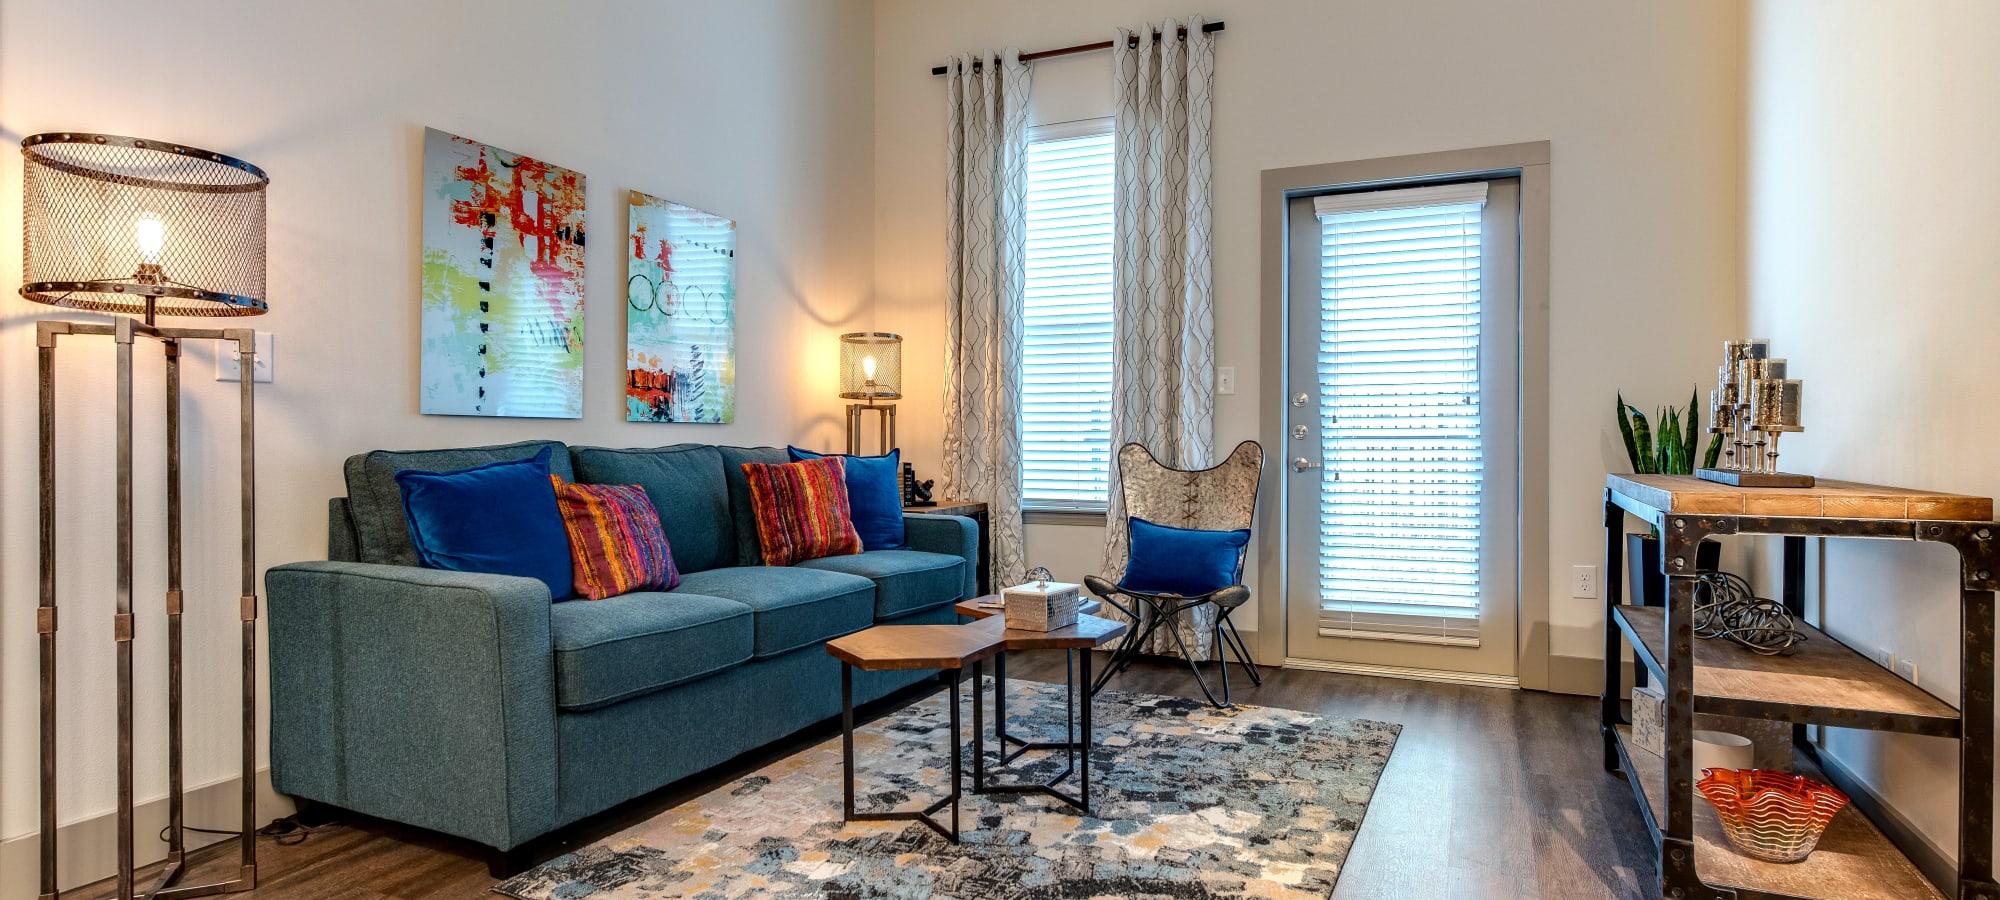 Bright open living room at Bellrock Upper North in Haltom City, Texas